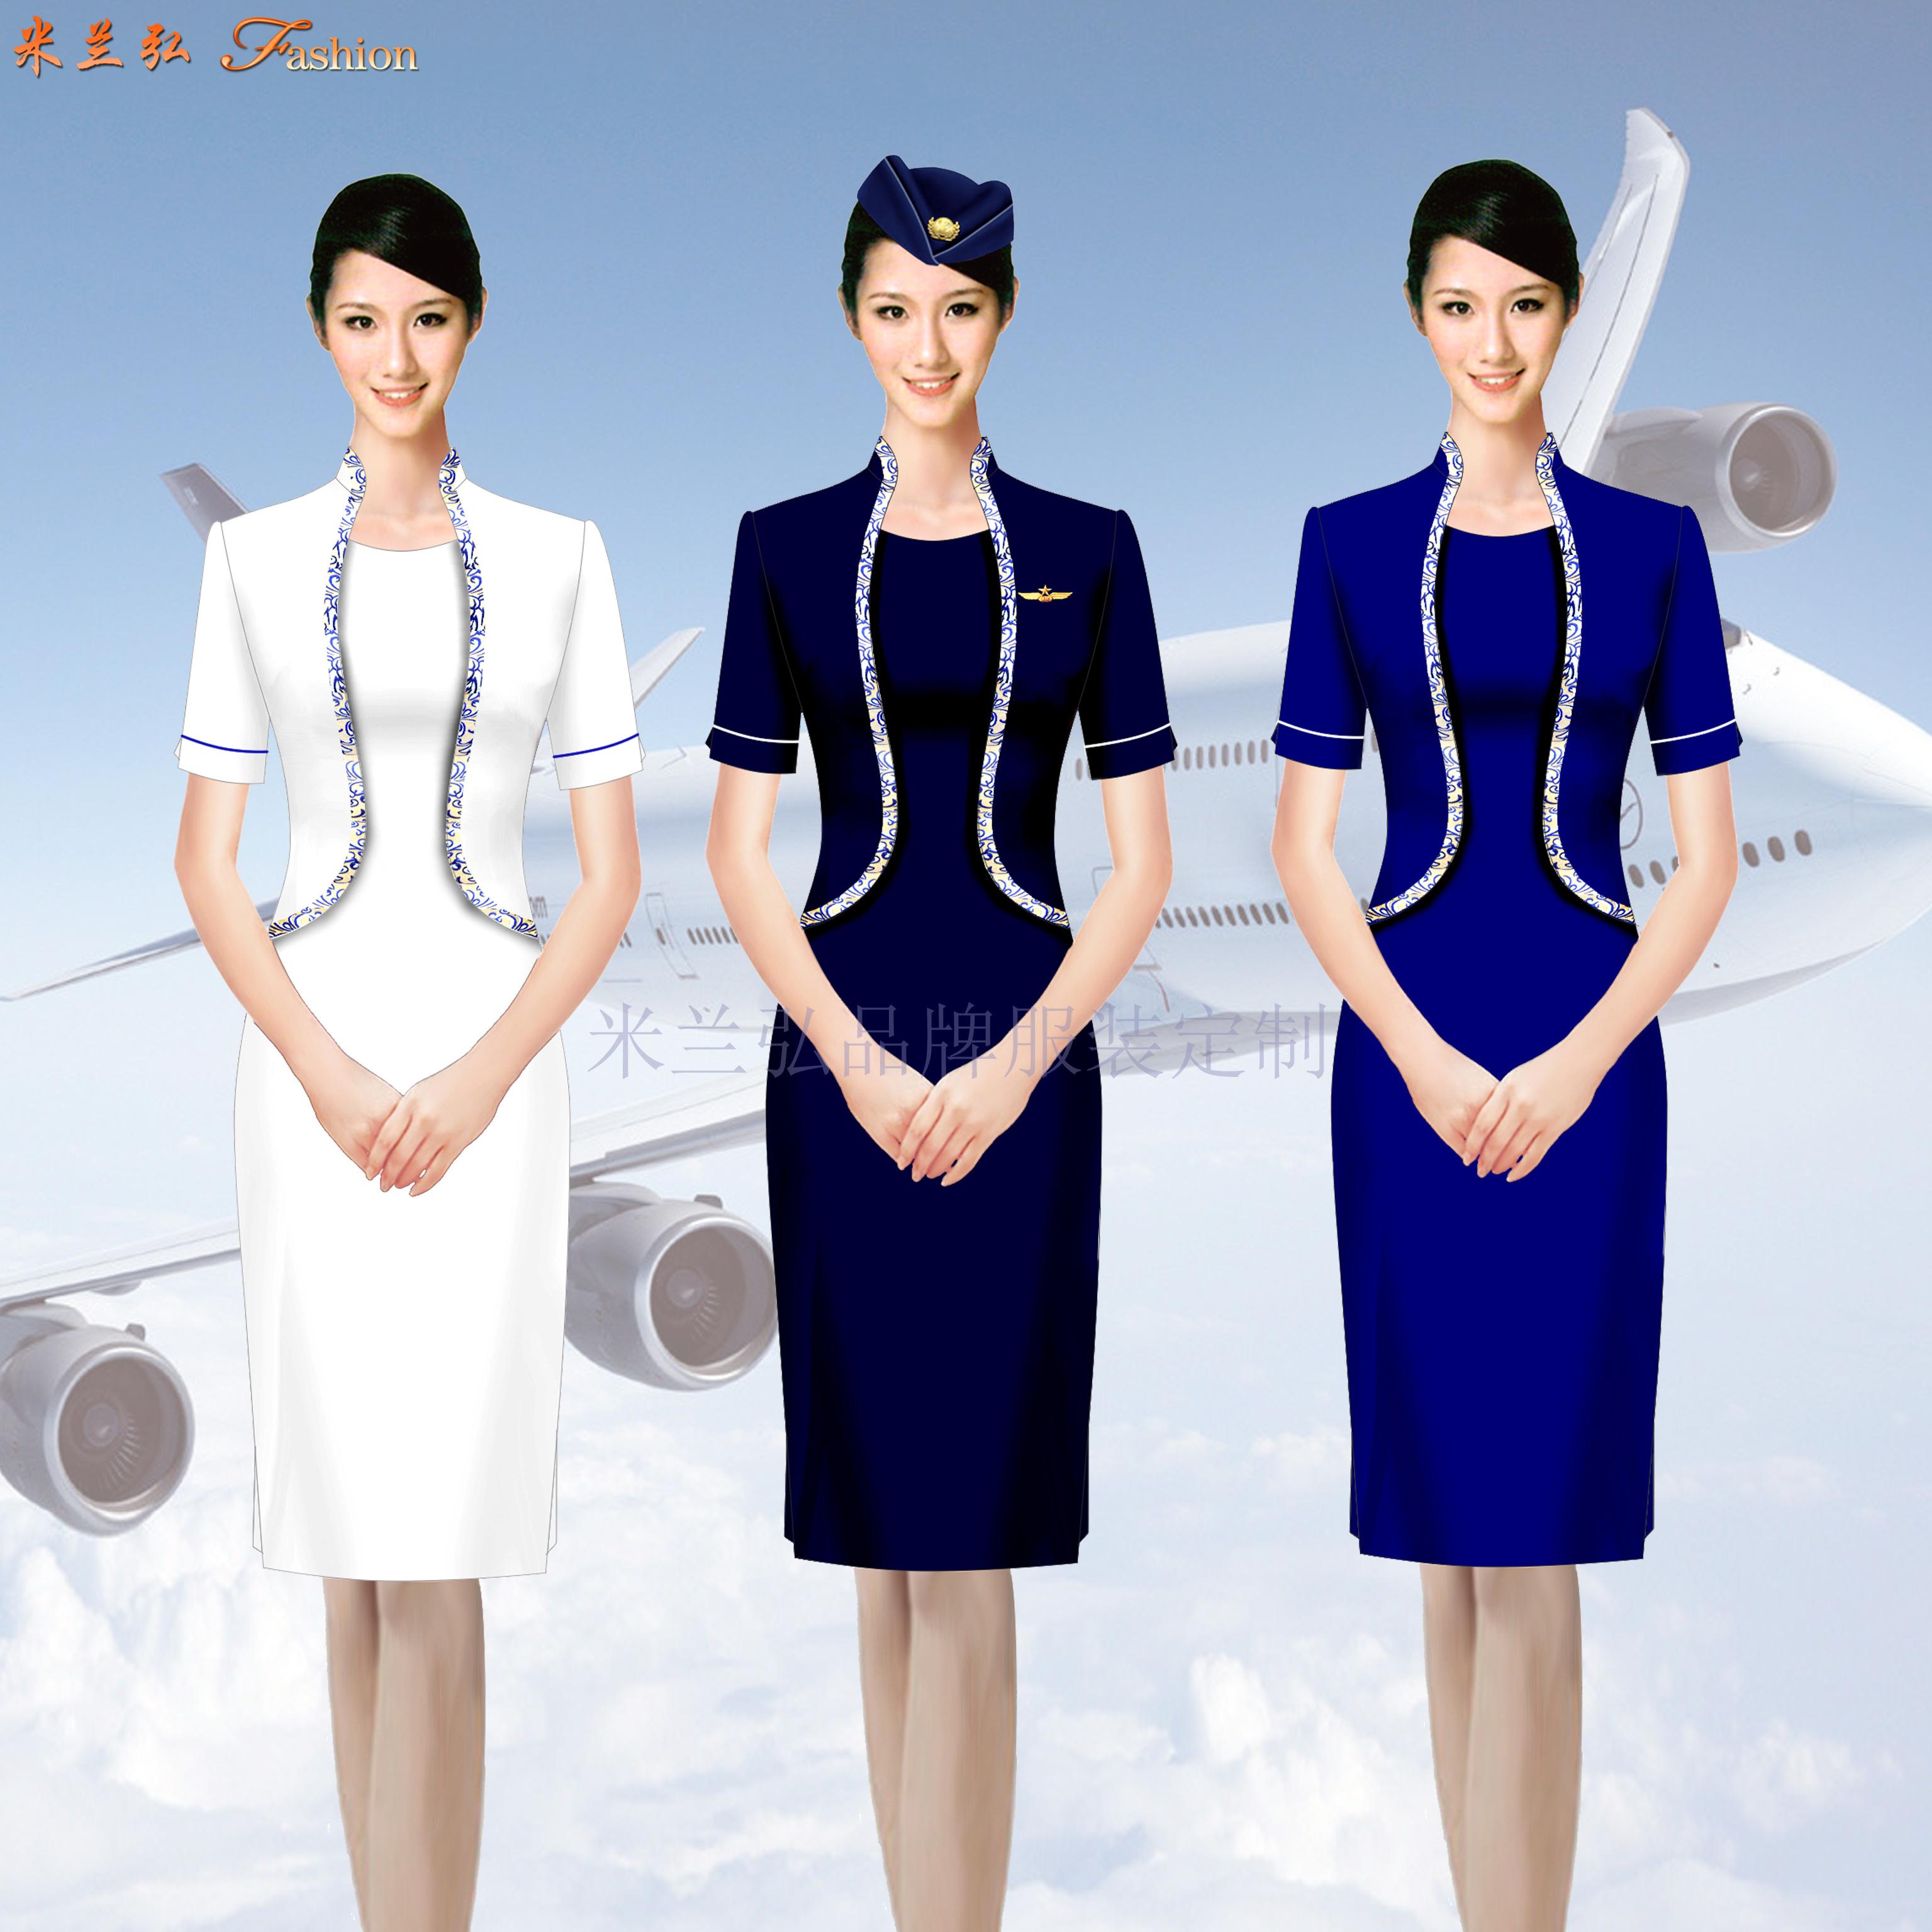 空姐服裙裝訂制定做空姐服連衣裙套裝價格-米蘭弘廠家-3